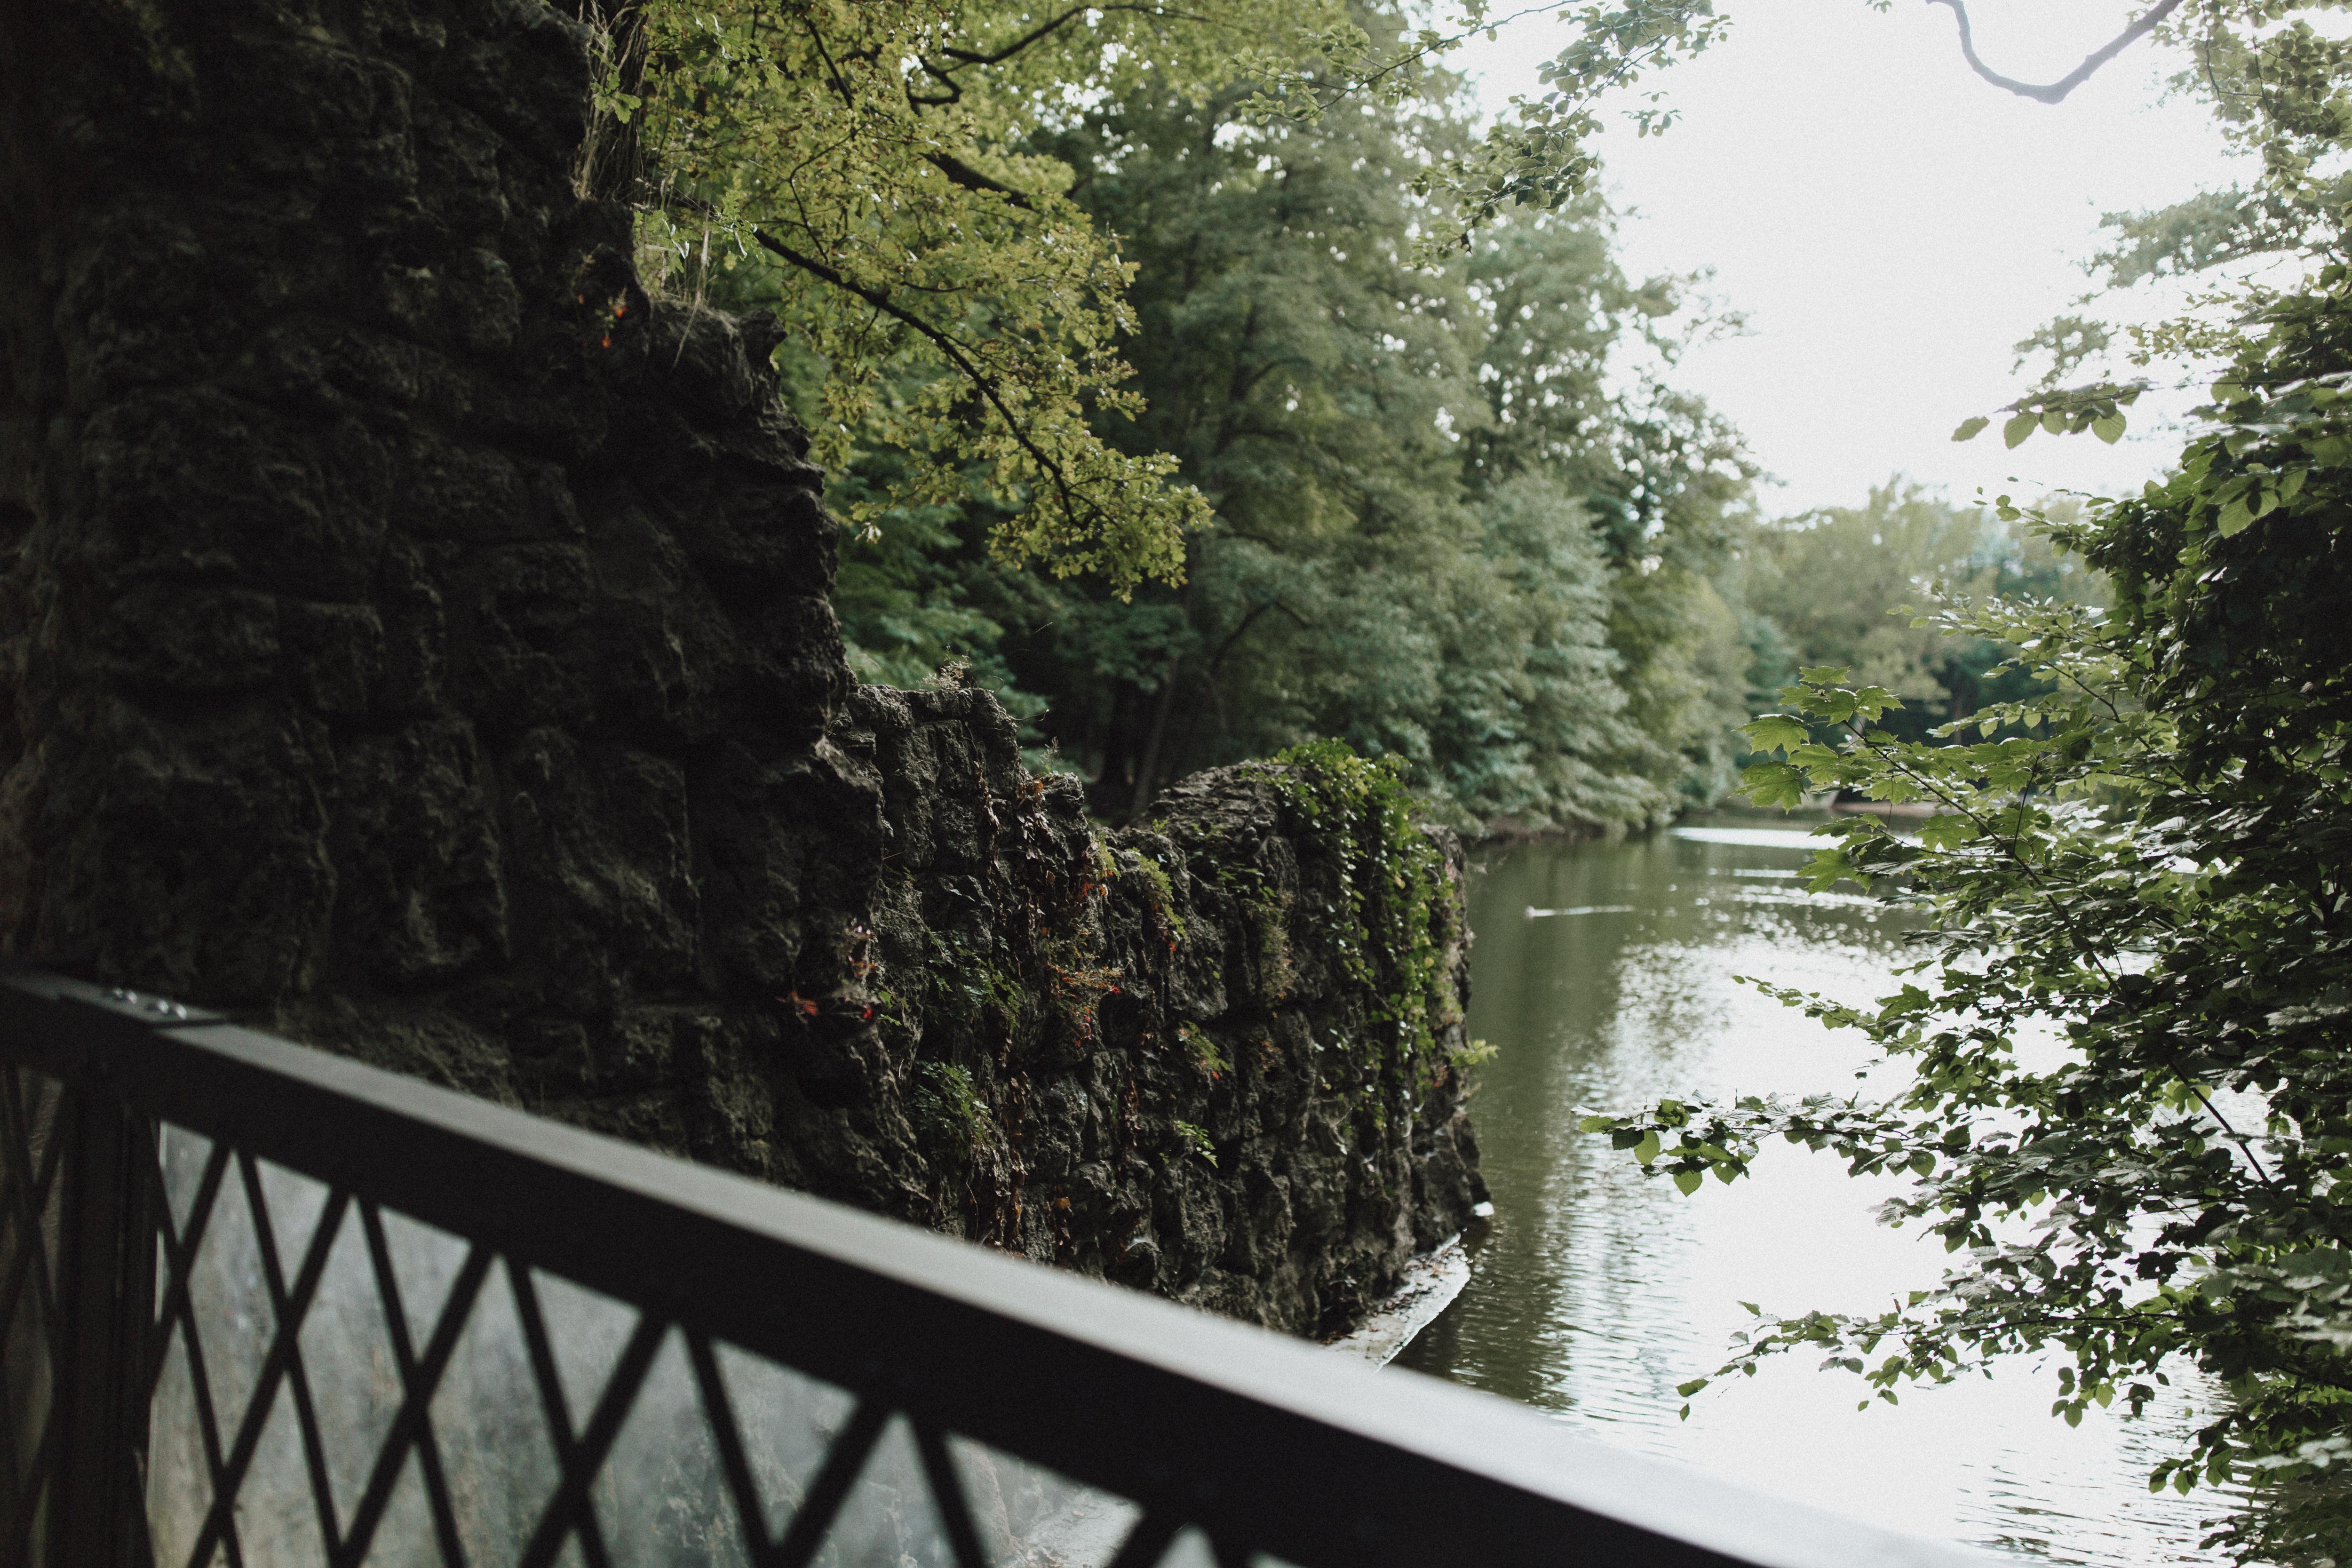 URBANERIE_Daniela_Goth_Fotografin_Nürnberg_Fürth_Erlangen_Schwabach_170906_001_0056